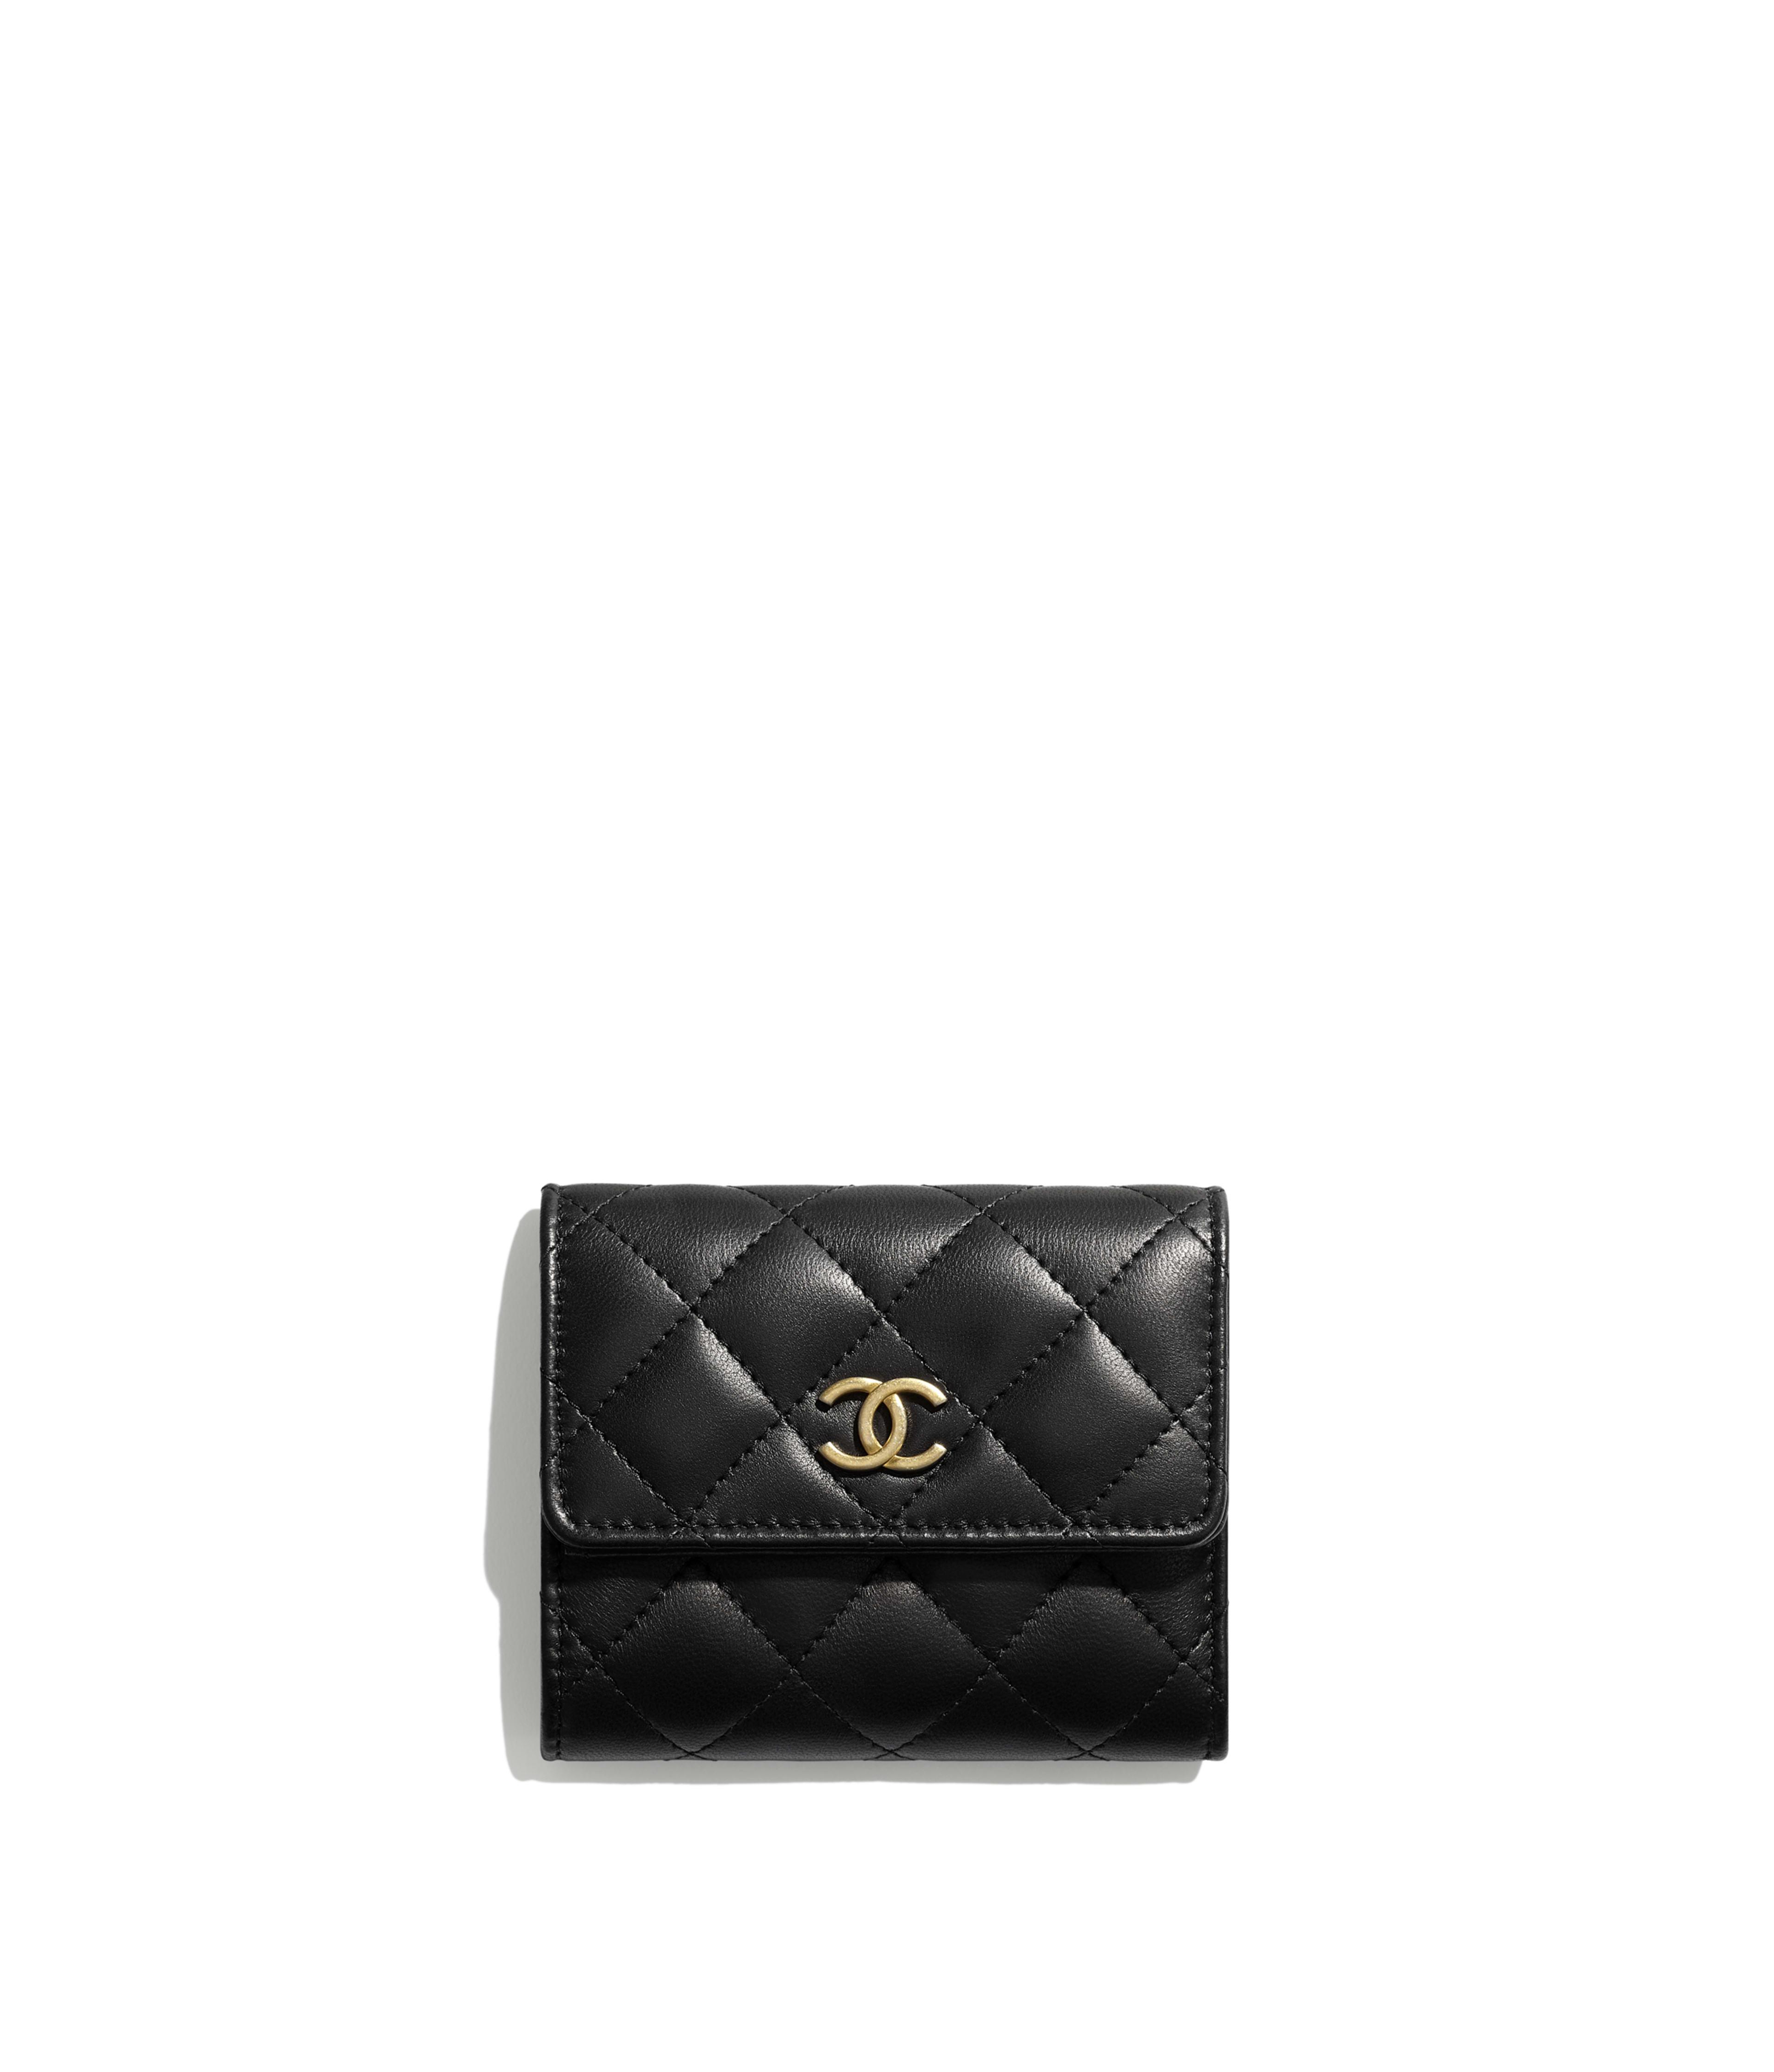 aa8301d79c6e Small Flap Wallet Lambskin & Gold-Tone Metal, Black Ref. AP0096B00882N4807